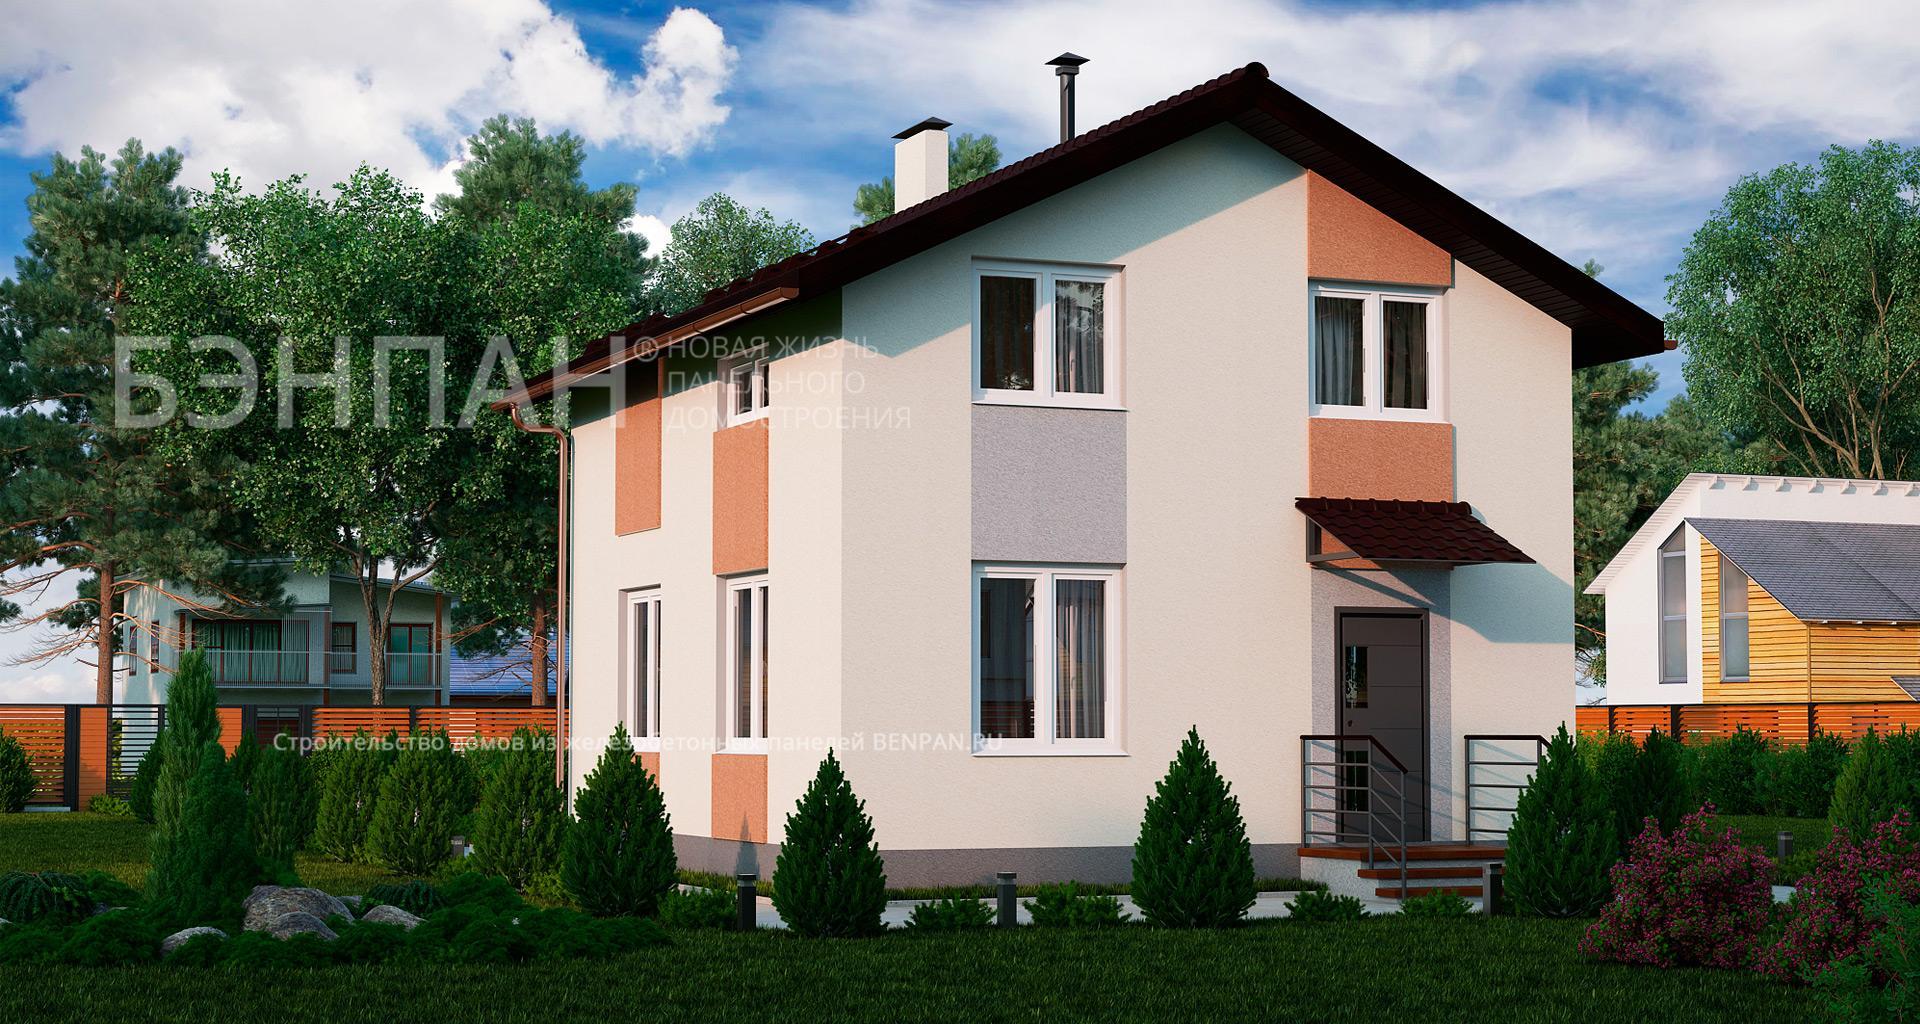 Фото дом с мансардой 92.55м2, этажа 2, комнаты 4, проект для загородного дома